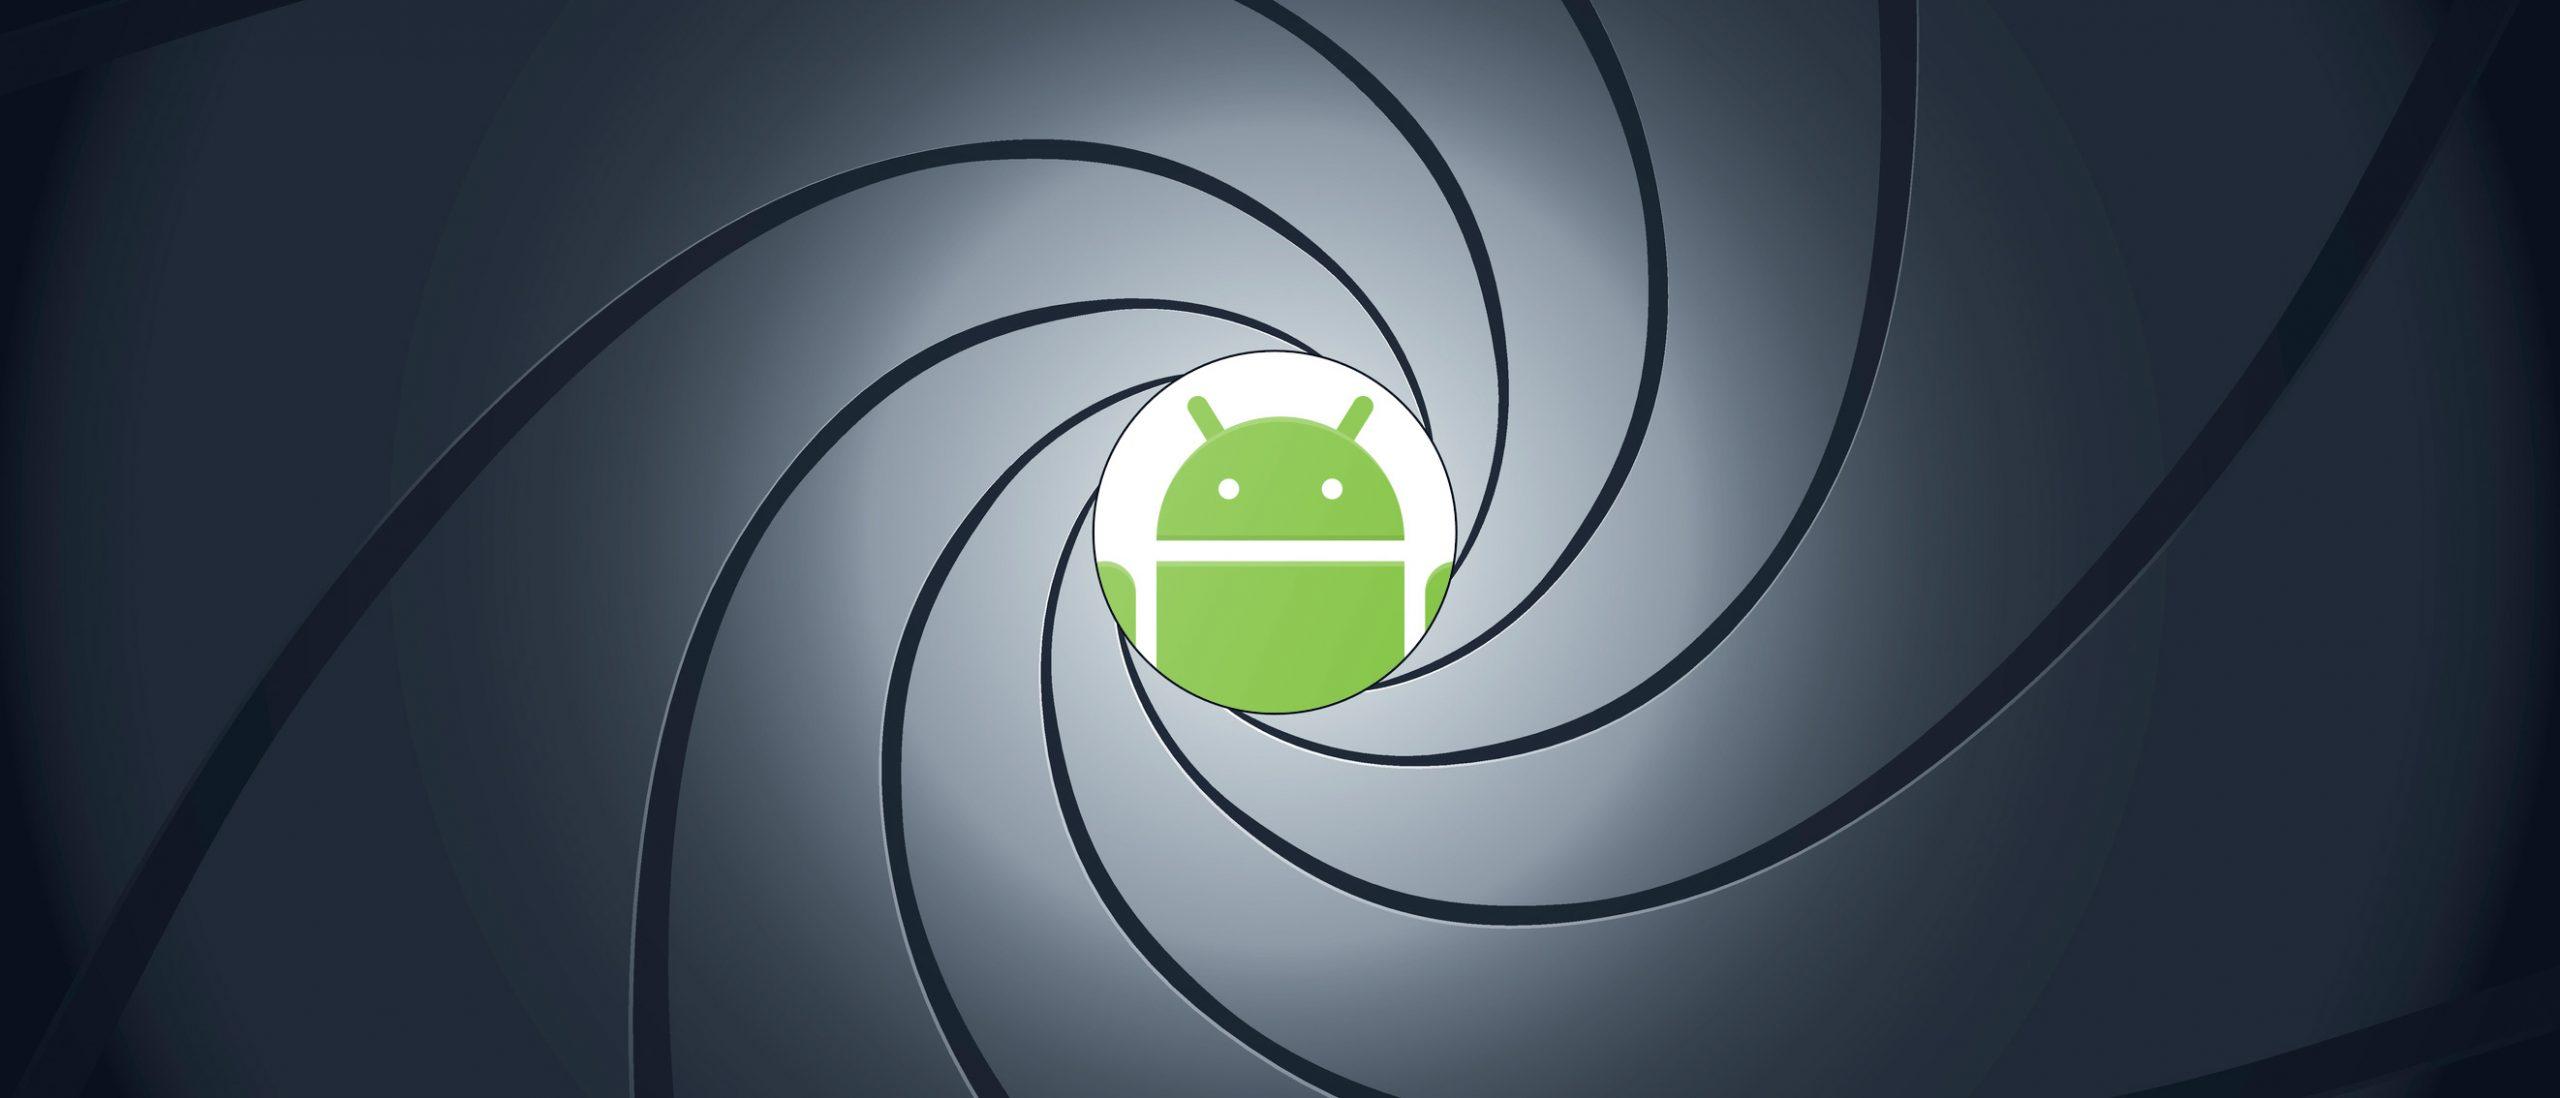 Android-телефоны постоянно следят за своими пользователями